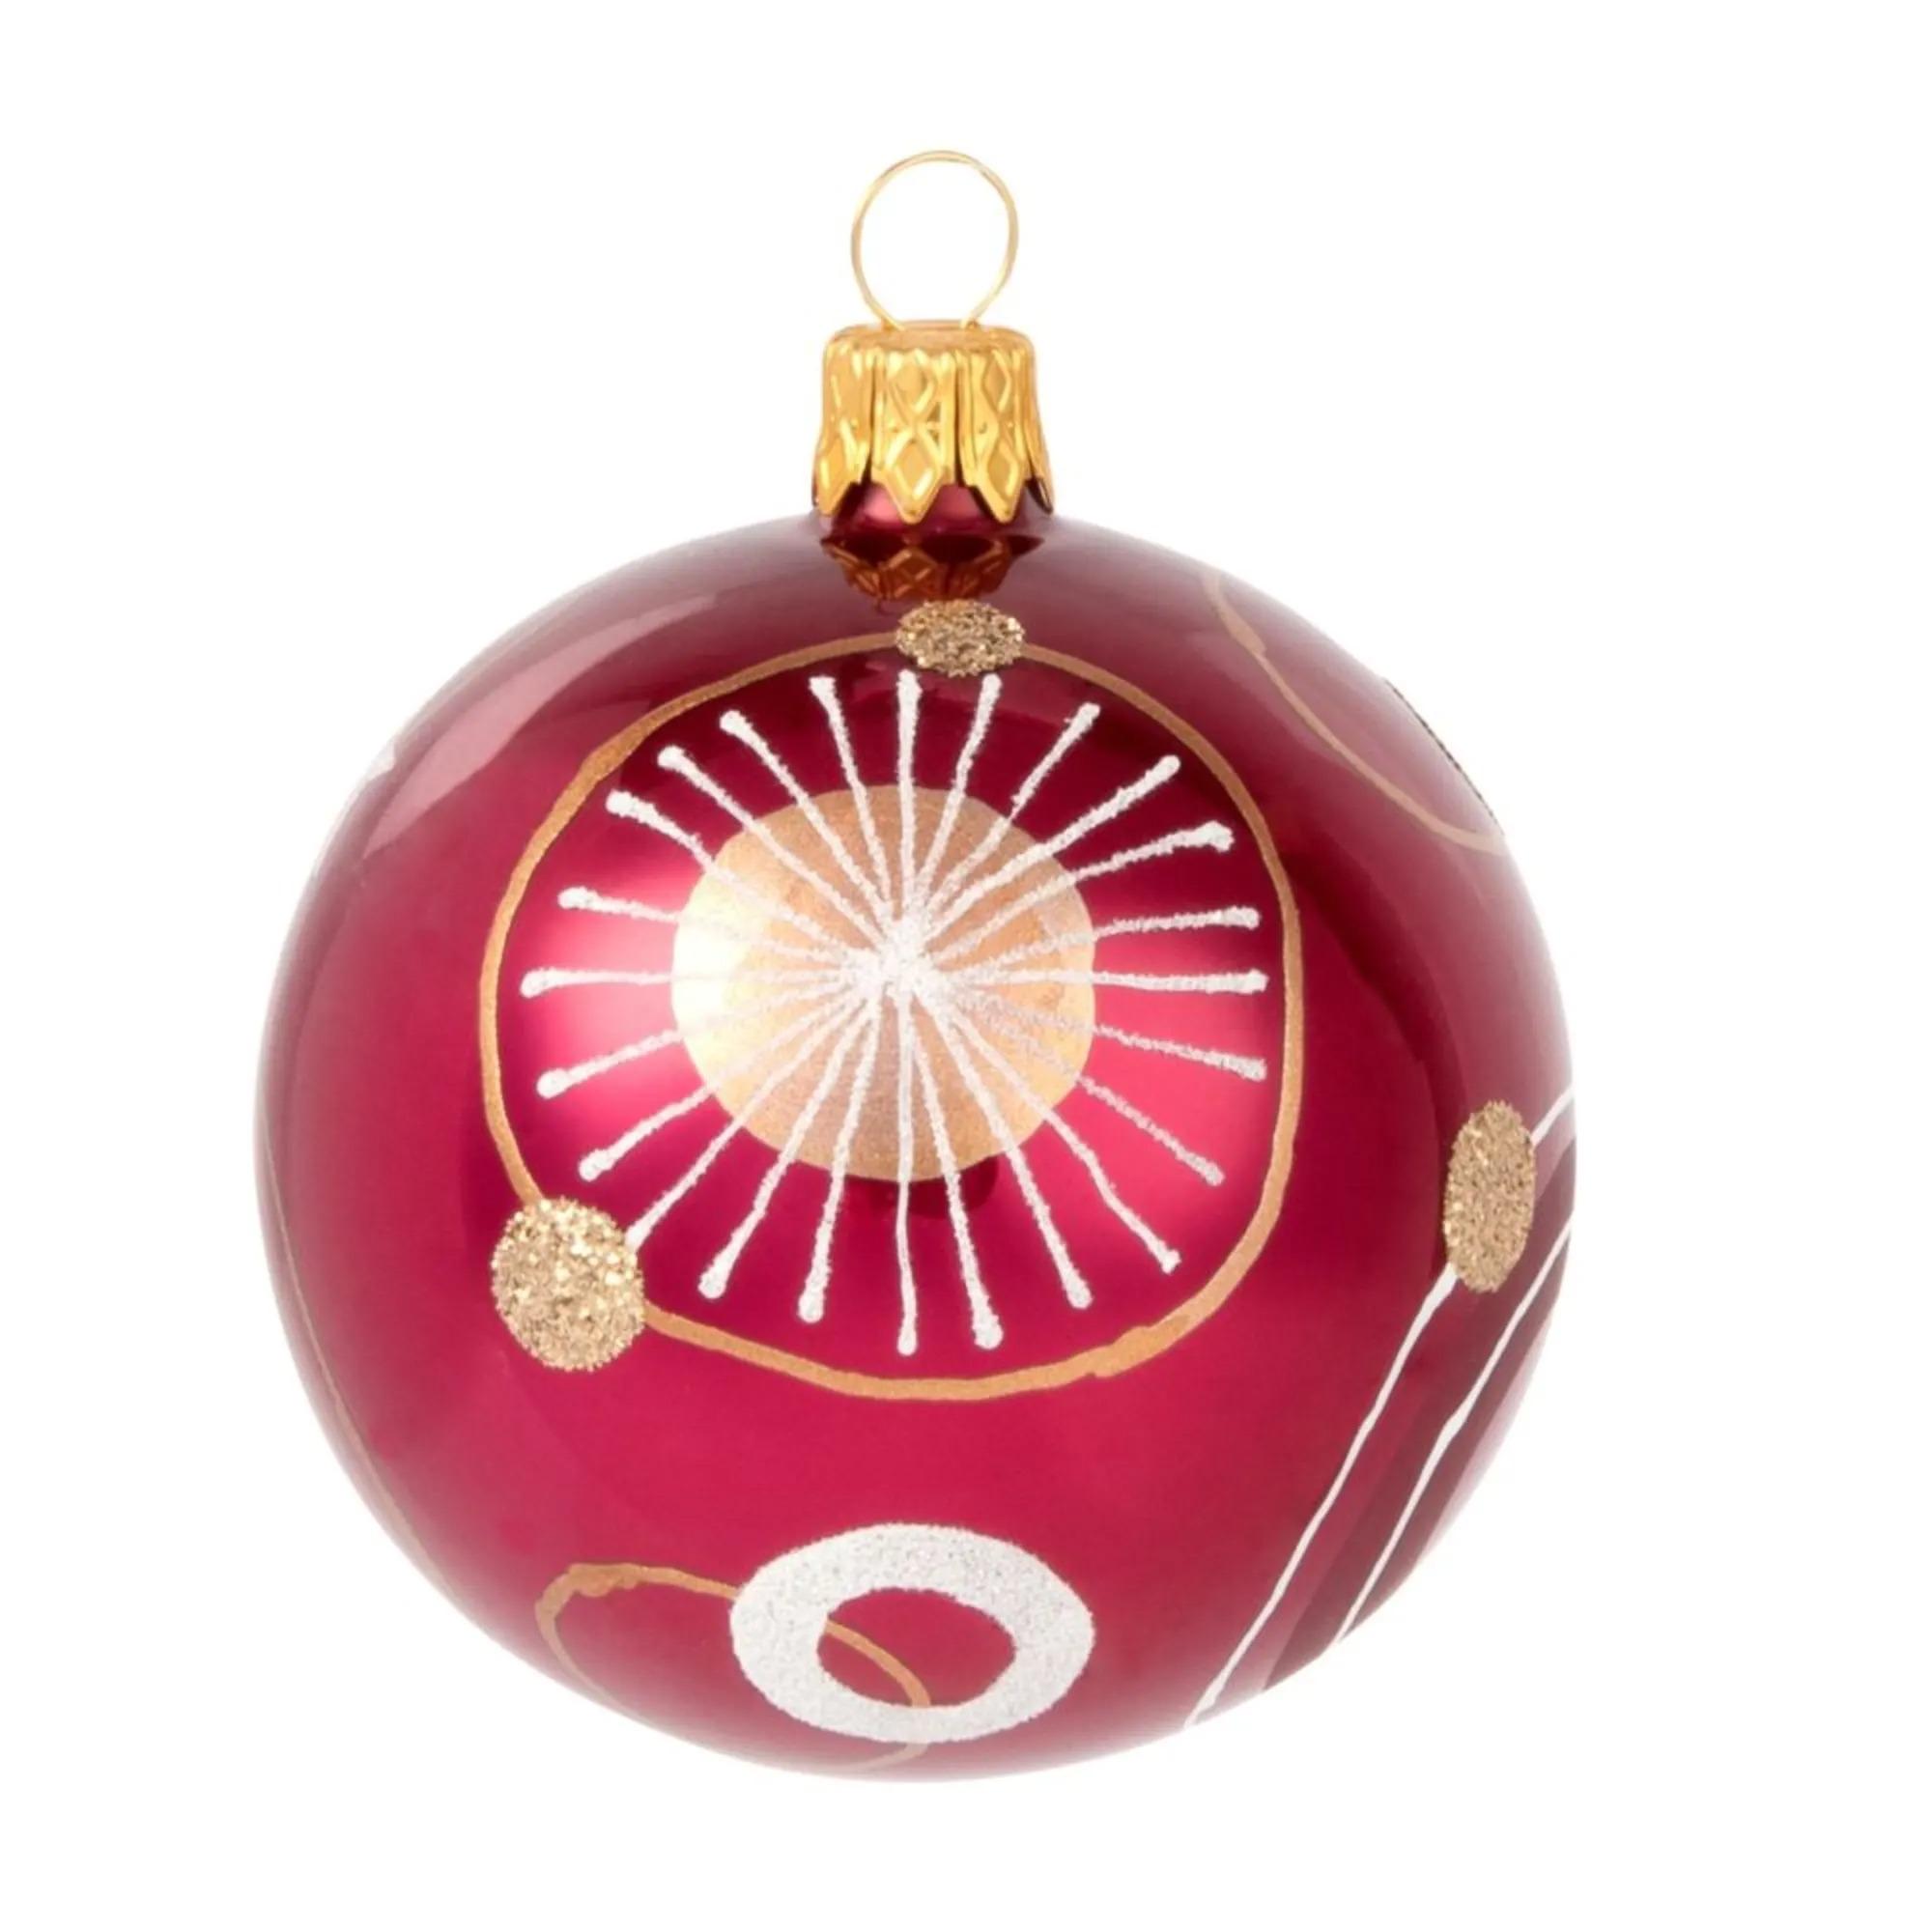 BUBBLES.- Bola de Navidad de cristal rojo con estampado gráfico - Lote de 6 14,70 €